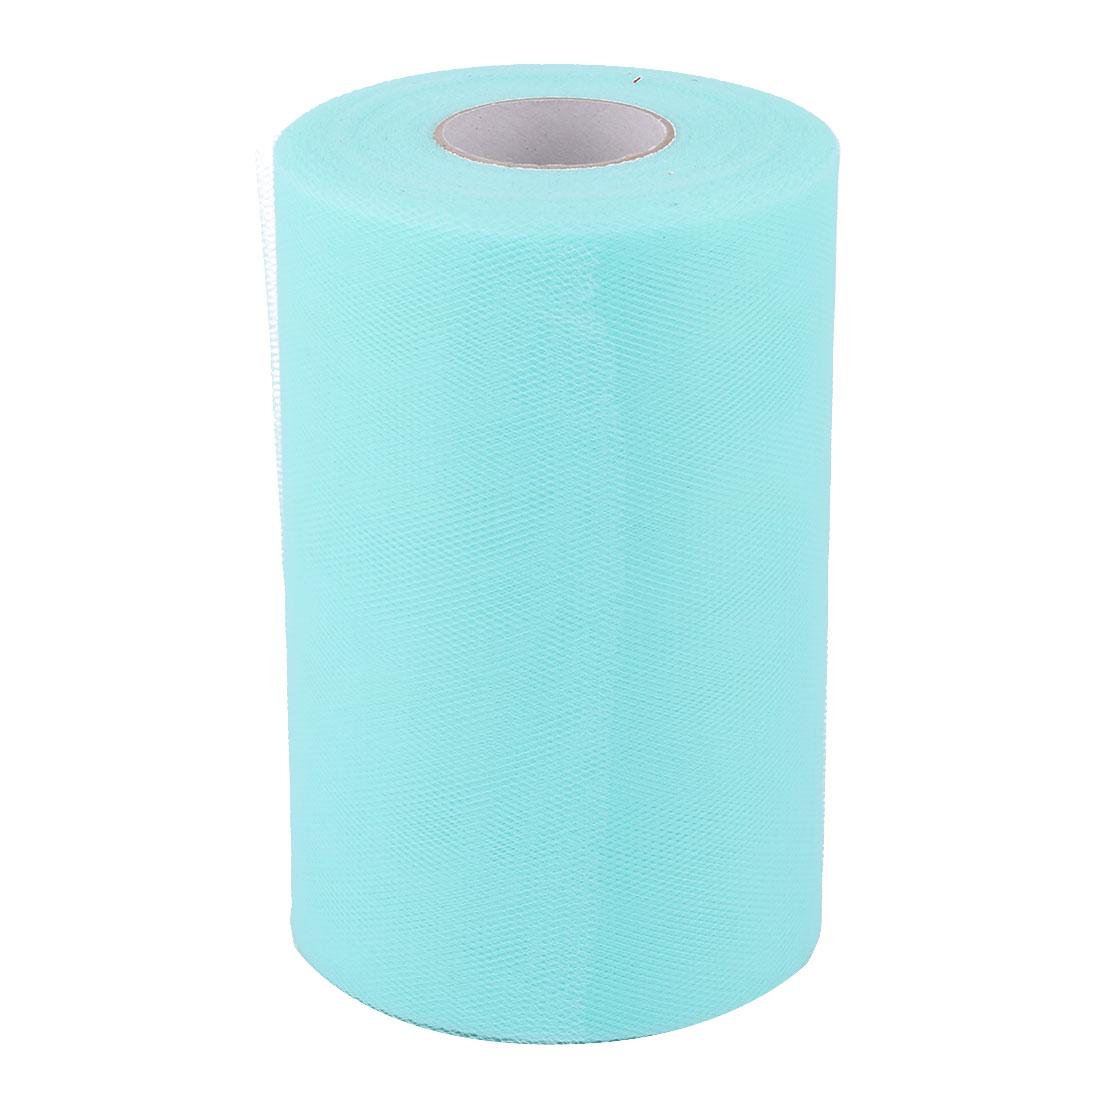 """6"""" x 100 YD Tulle Roll Spool Wedding Gift Tutu Fabric Decoration Craft Cyan"""